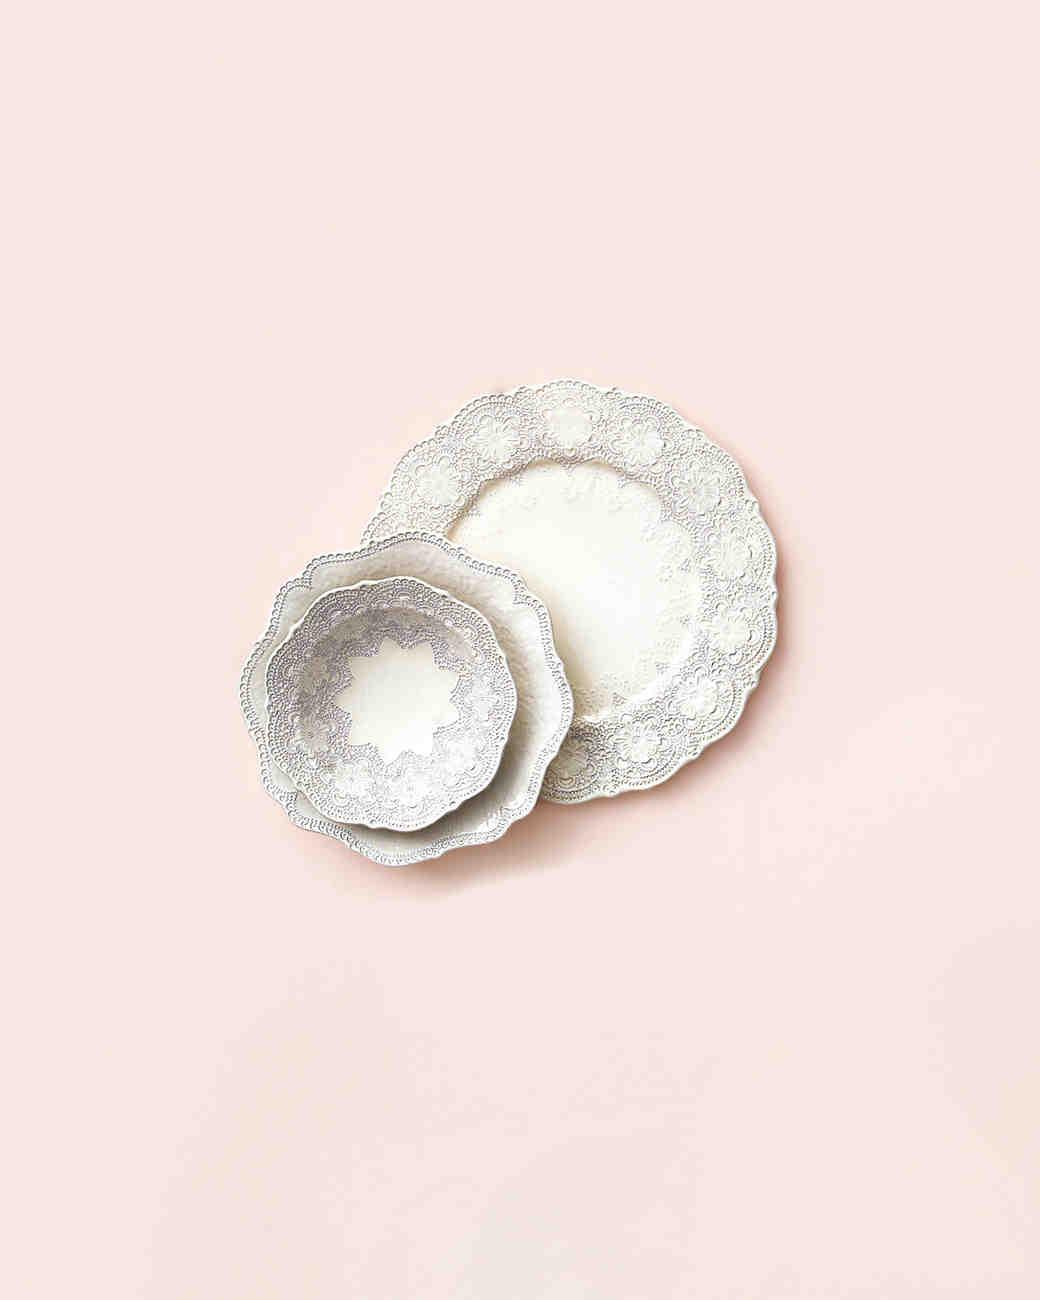 claire-pettibone-dinnerware-mwd108878.jpg